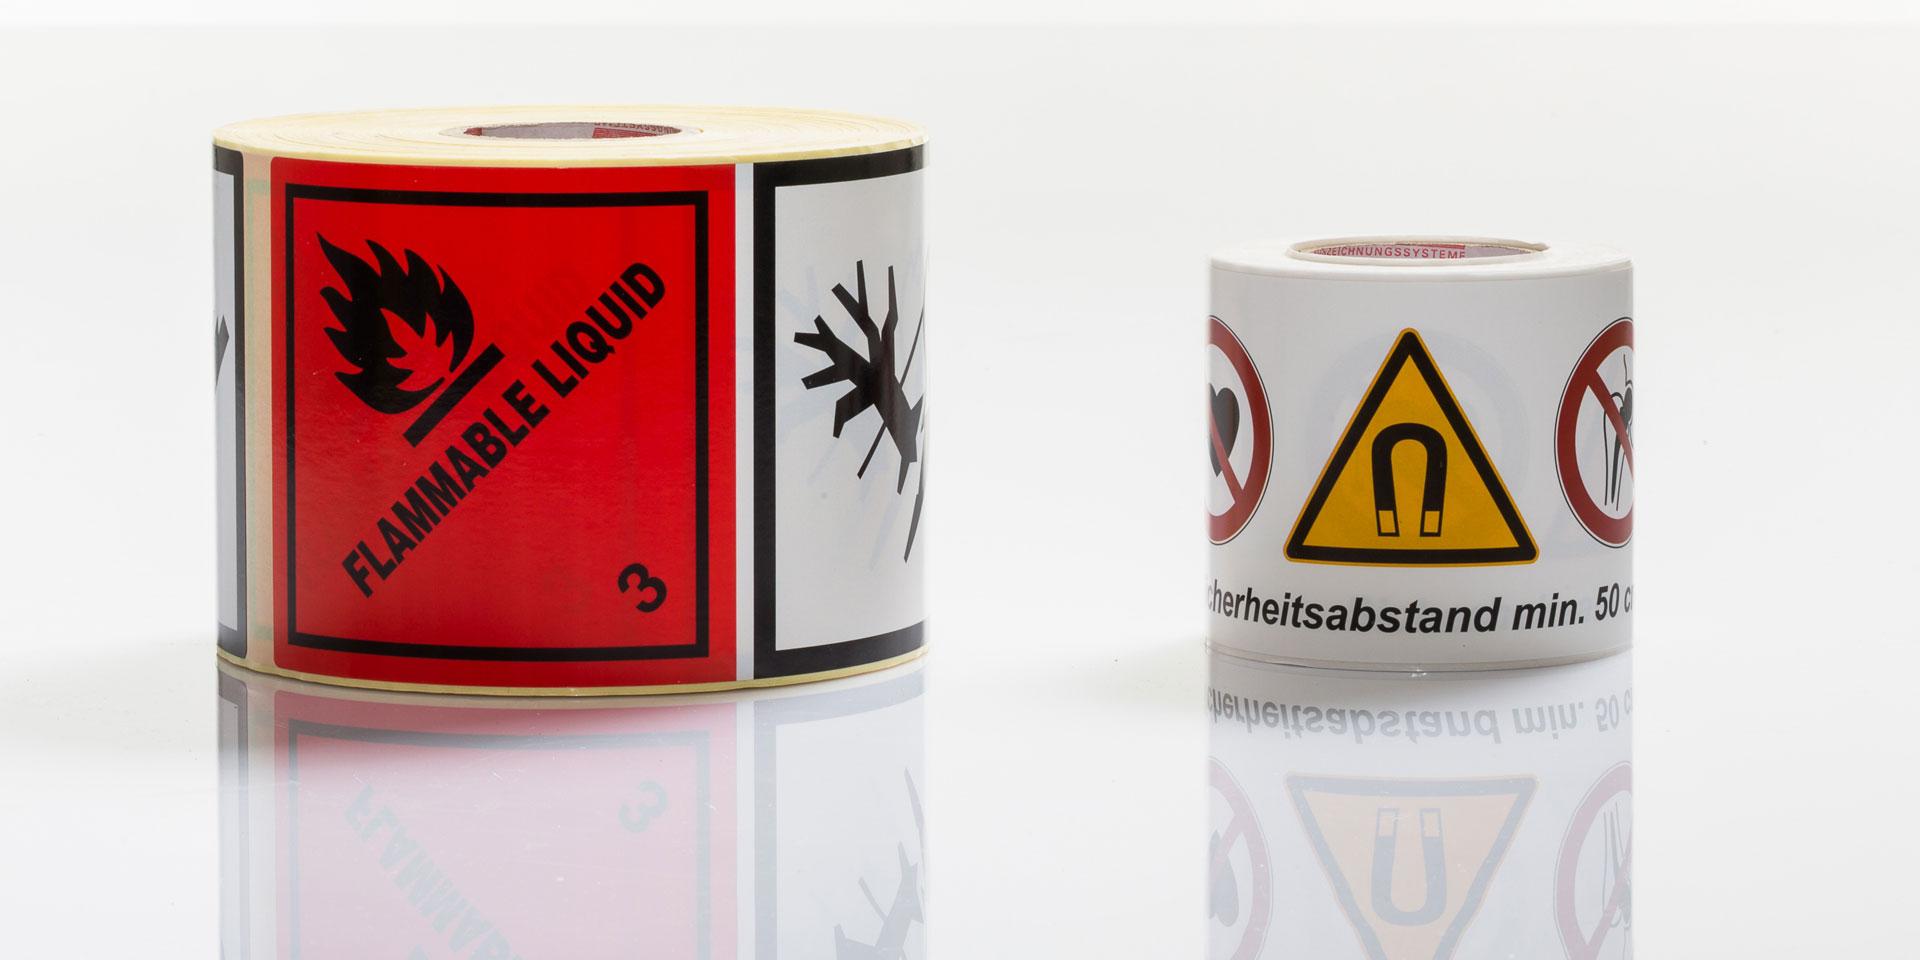 Gefahrgutetiketten - contact Auszeichnungssysteme